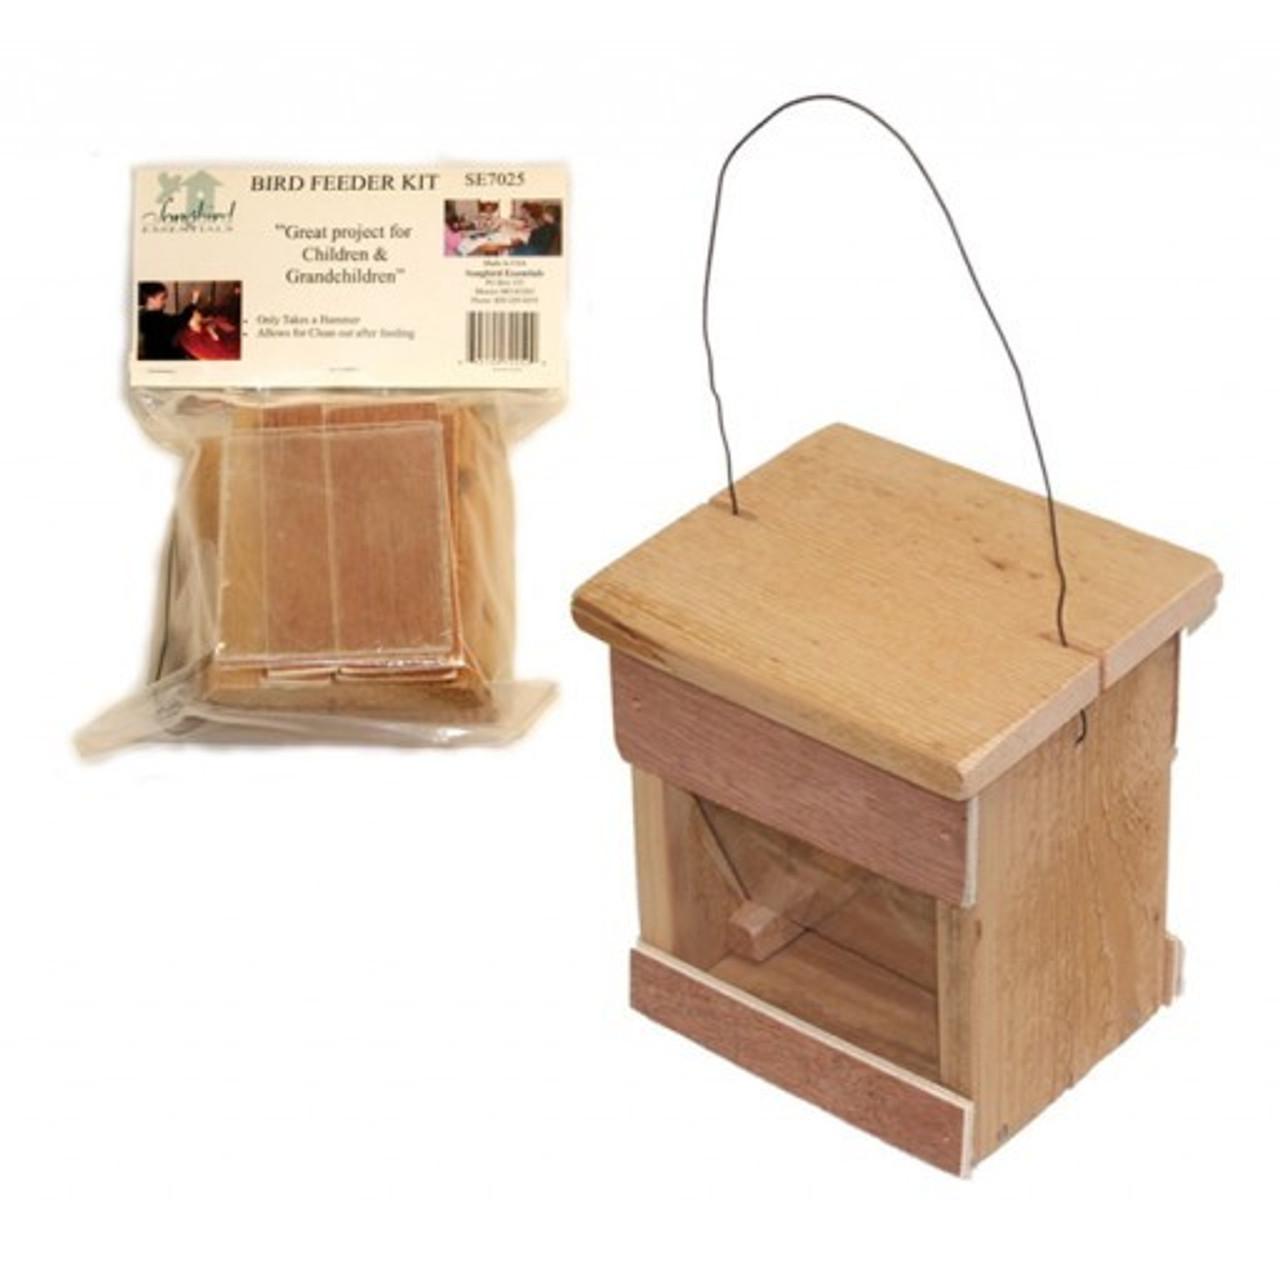 Feeders - Bird Feeder Kits